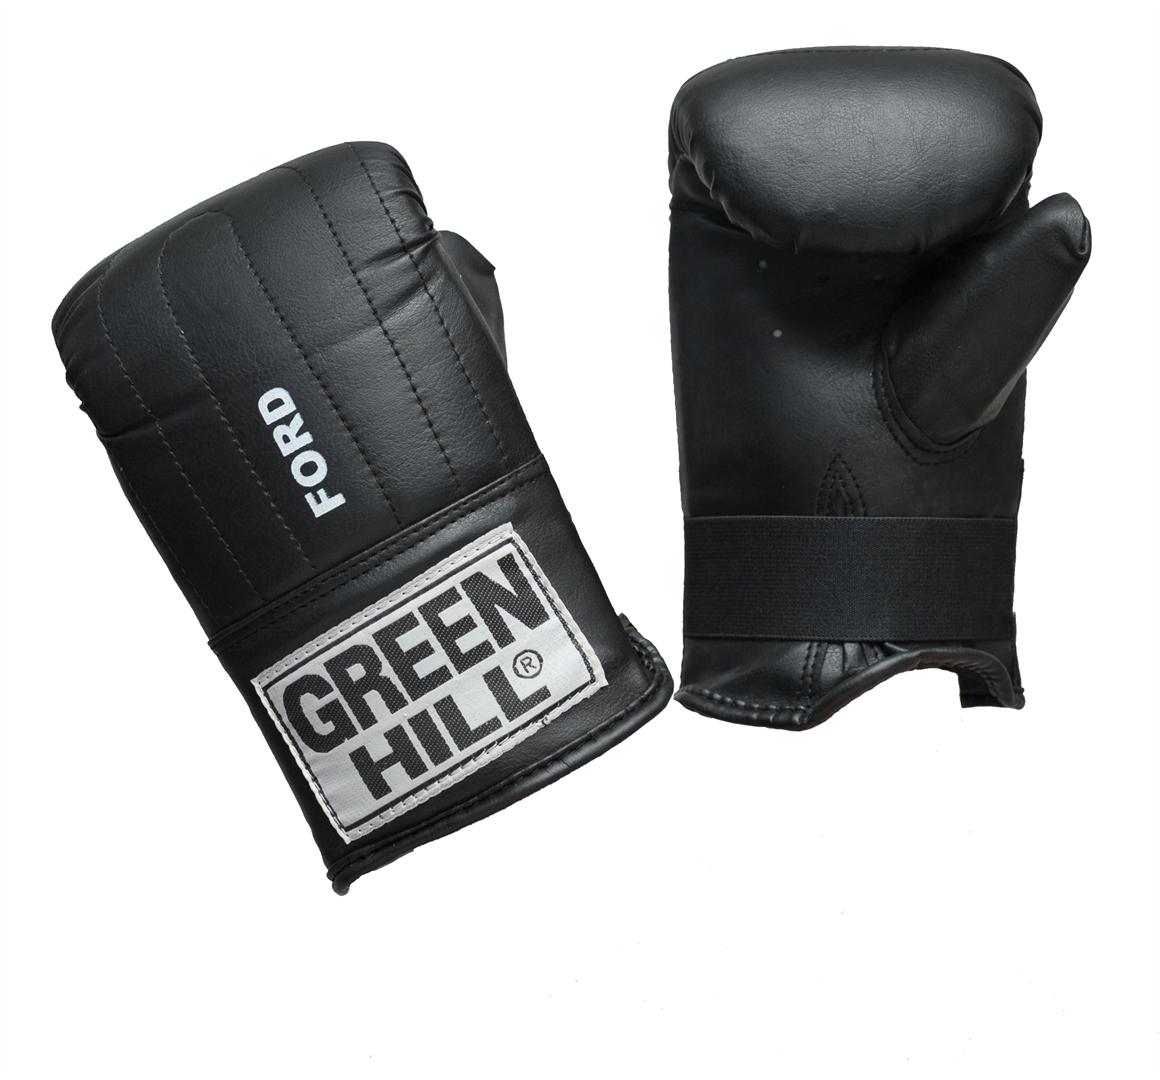 Перчатки снарядные Green Hill Ford, цвет: черный. Размер S salomon ботинки мужские salomon x alp mid